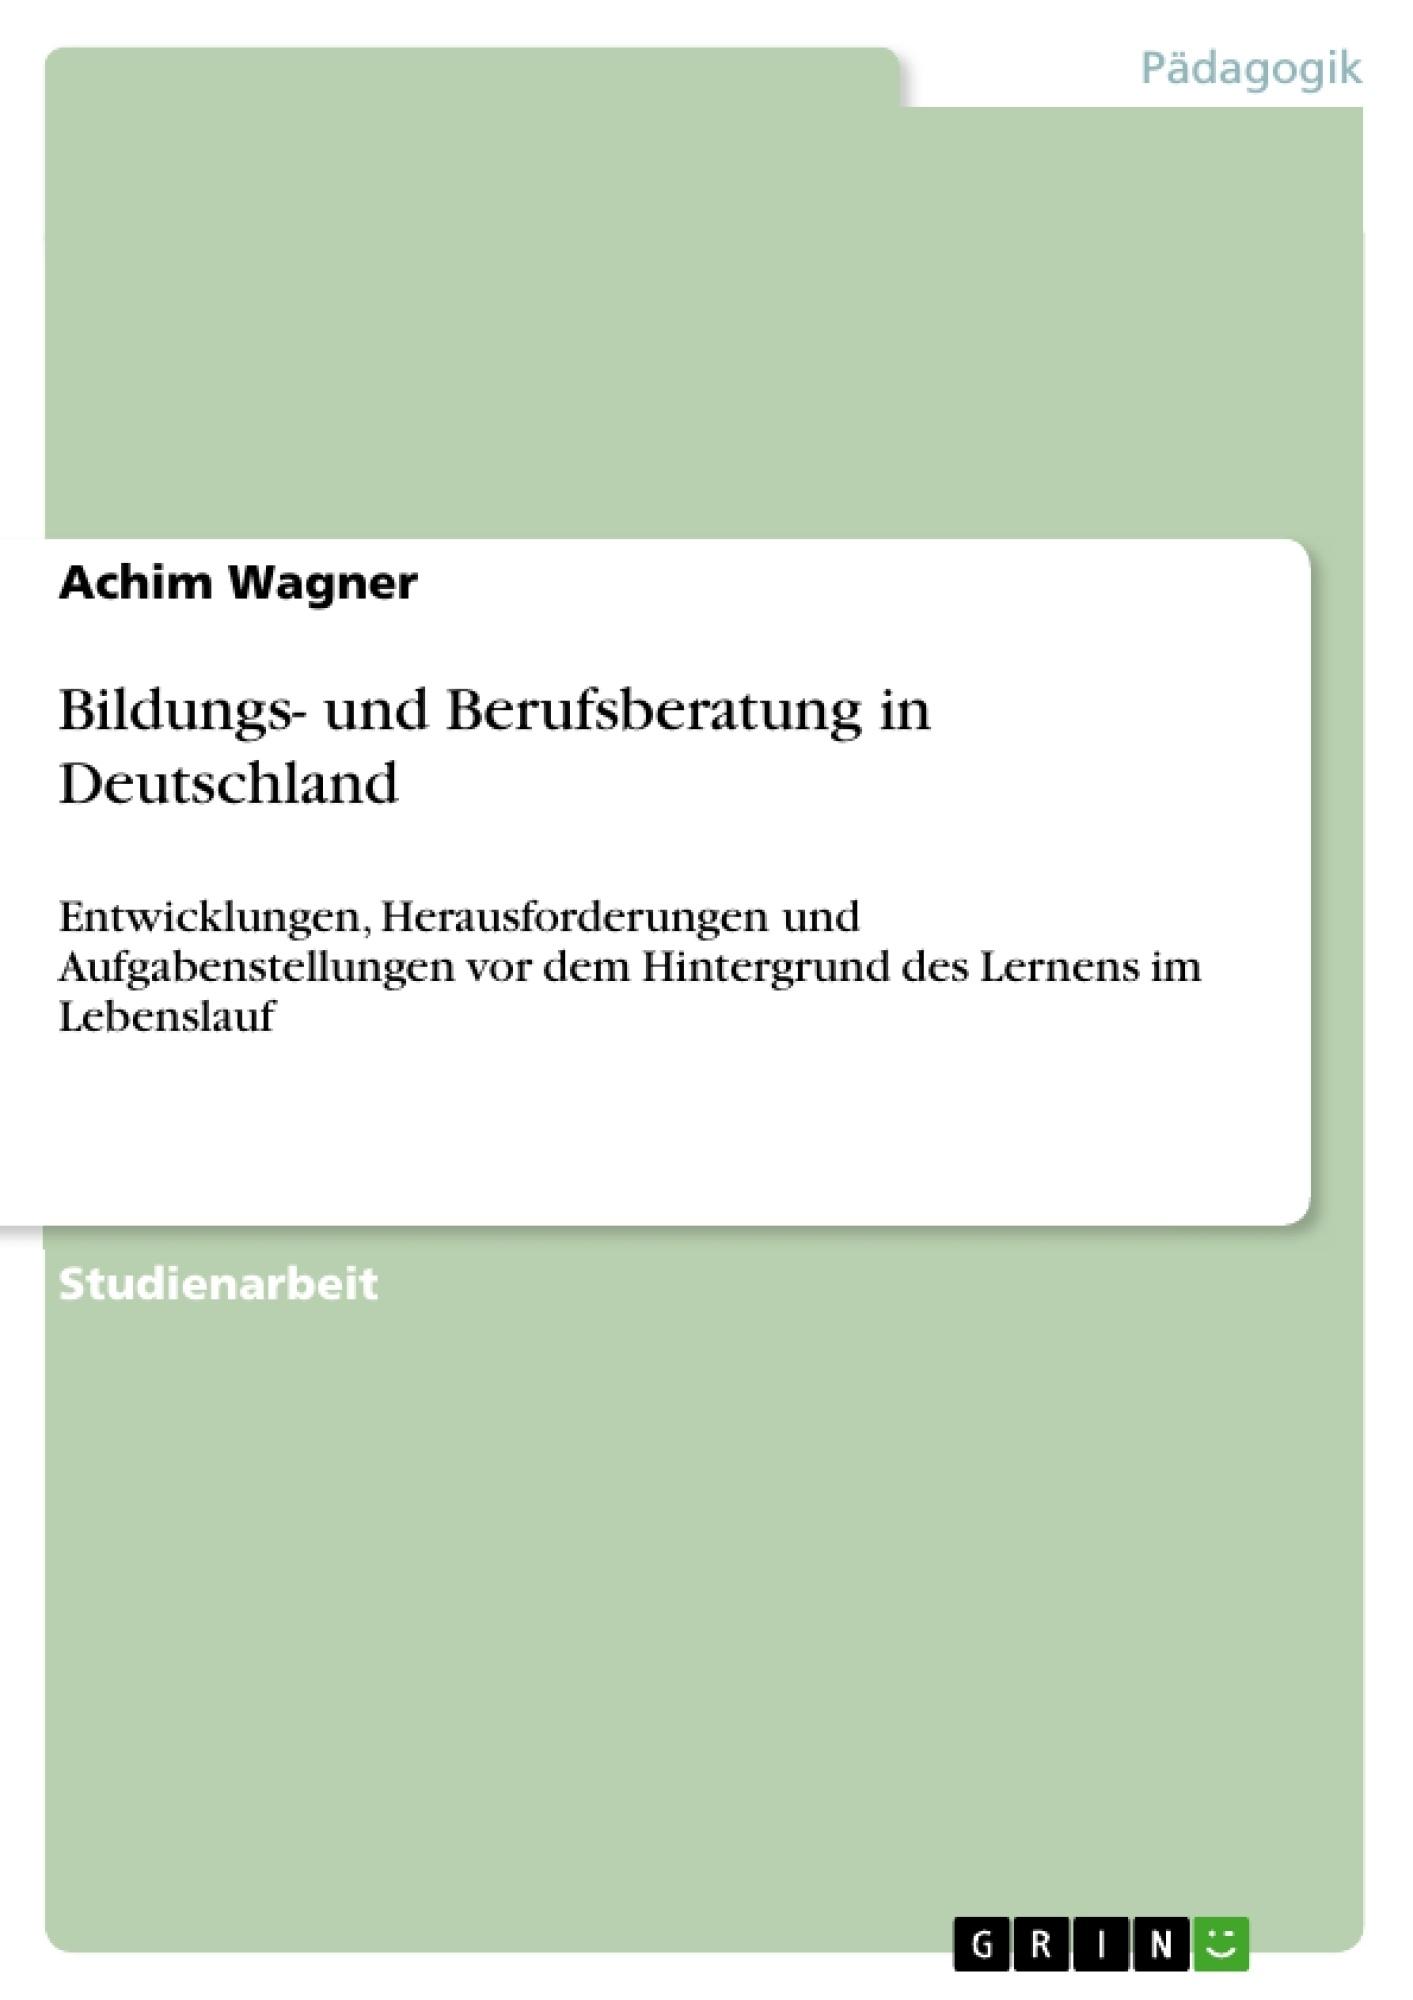 Titel: Bildungs- und Berufsberatung in Deutschland